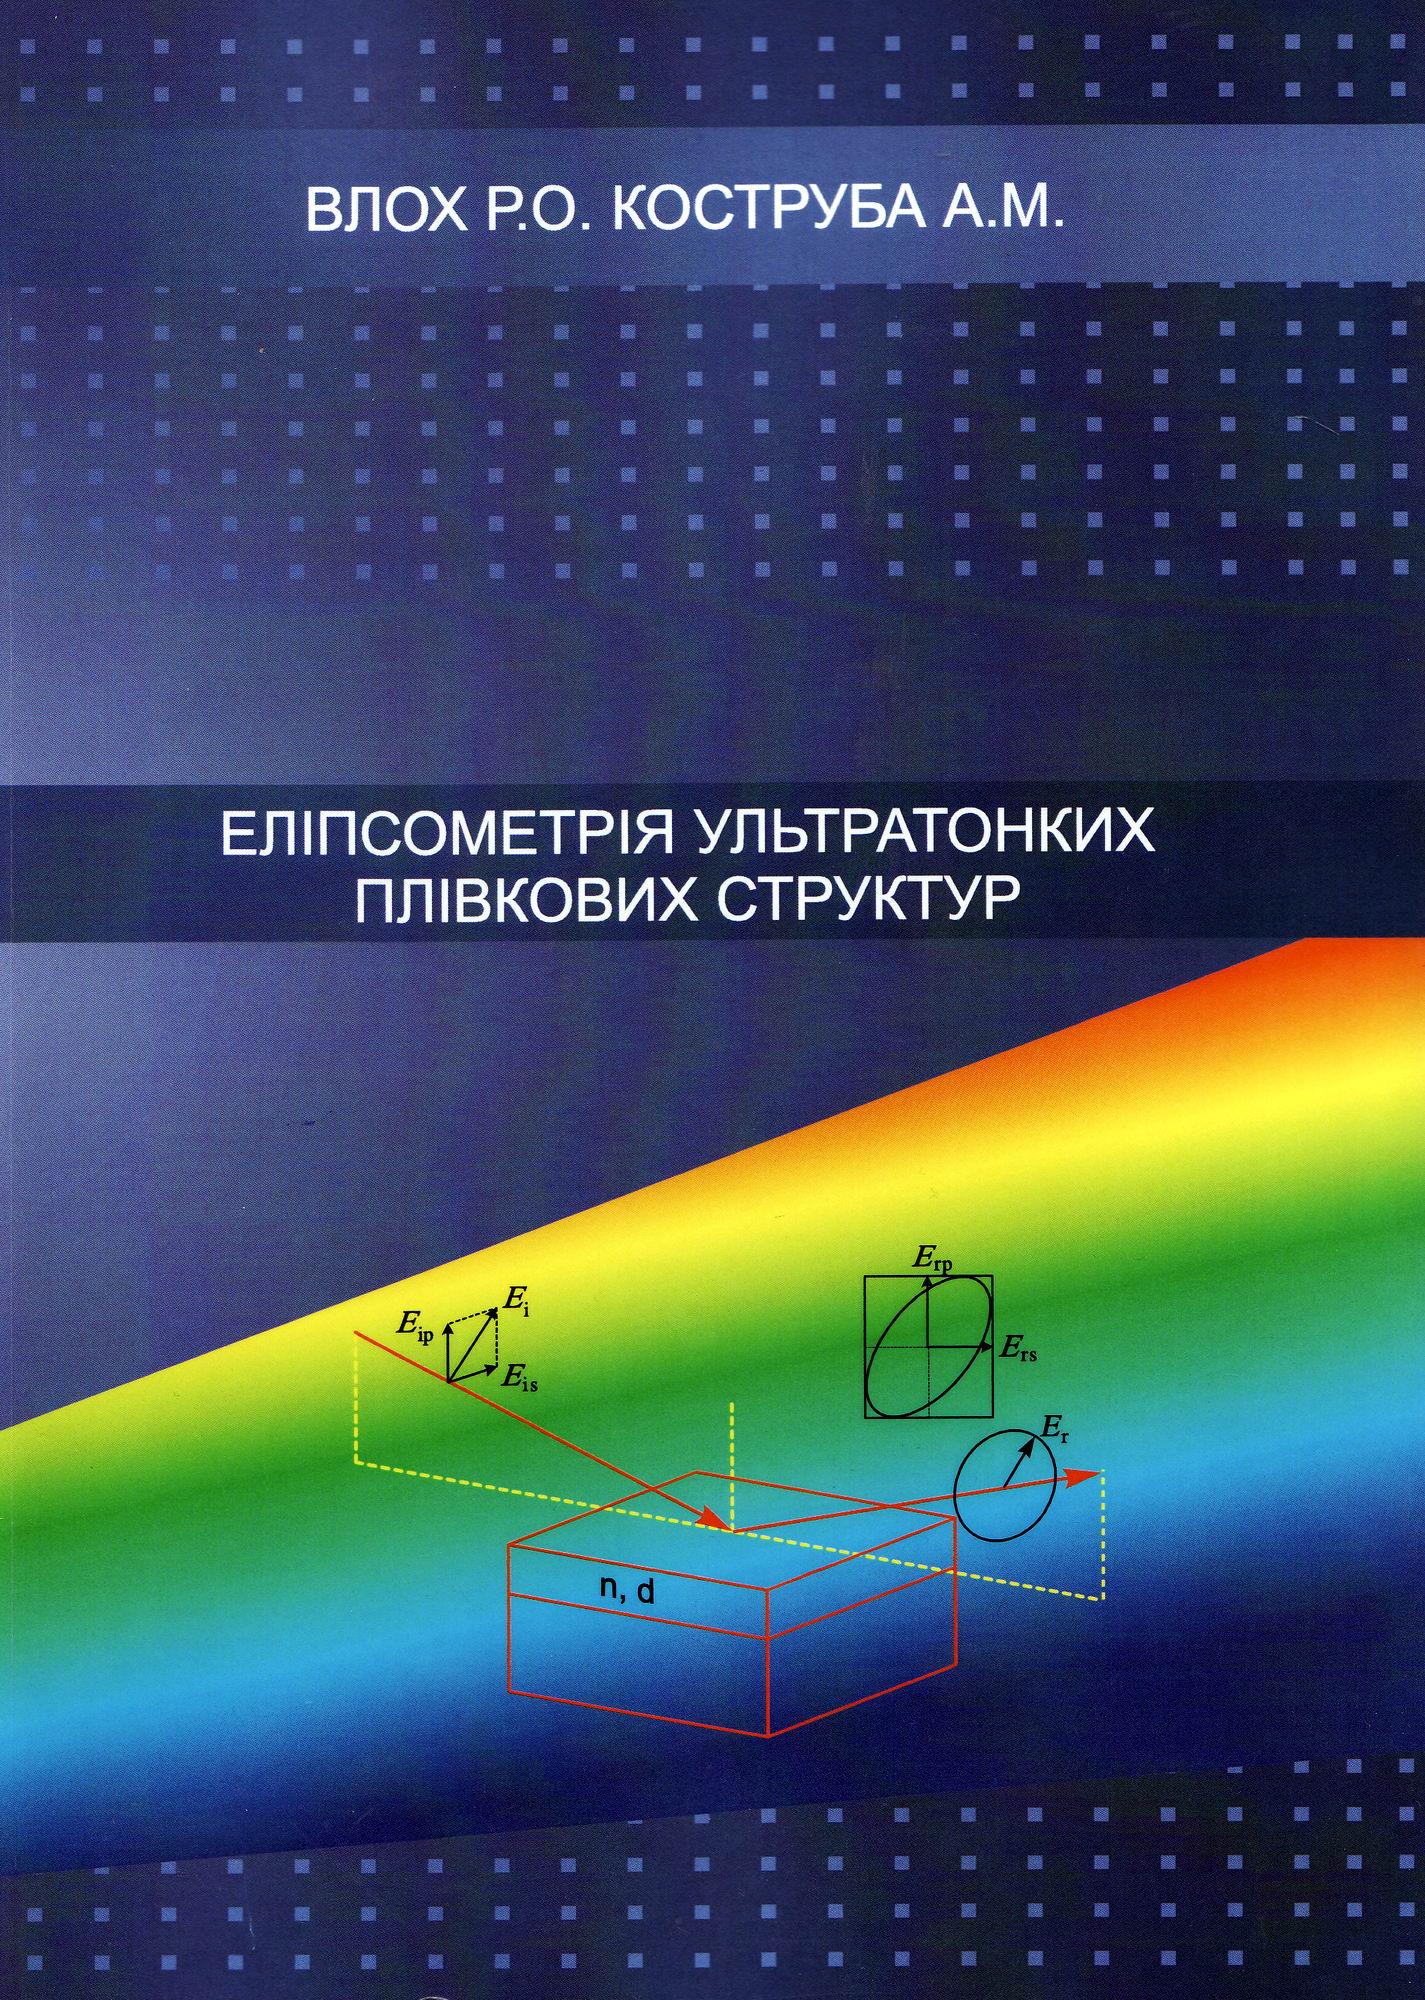 Еліпсометрія ультратонких плівкових структур